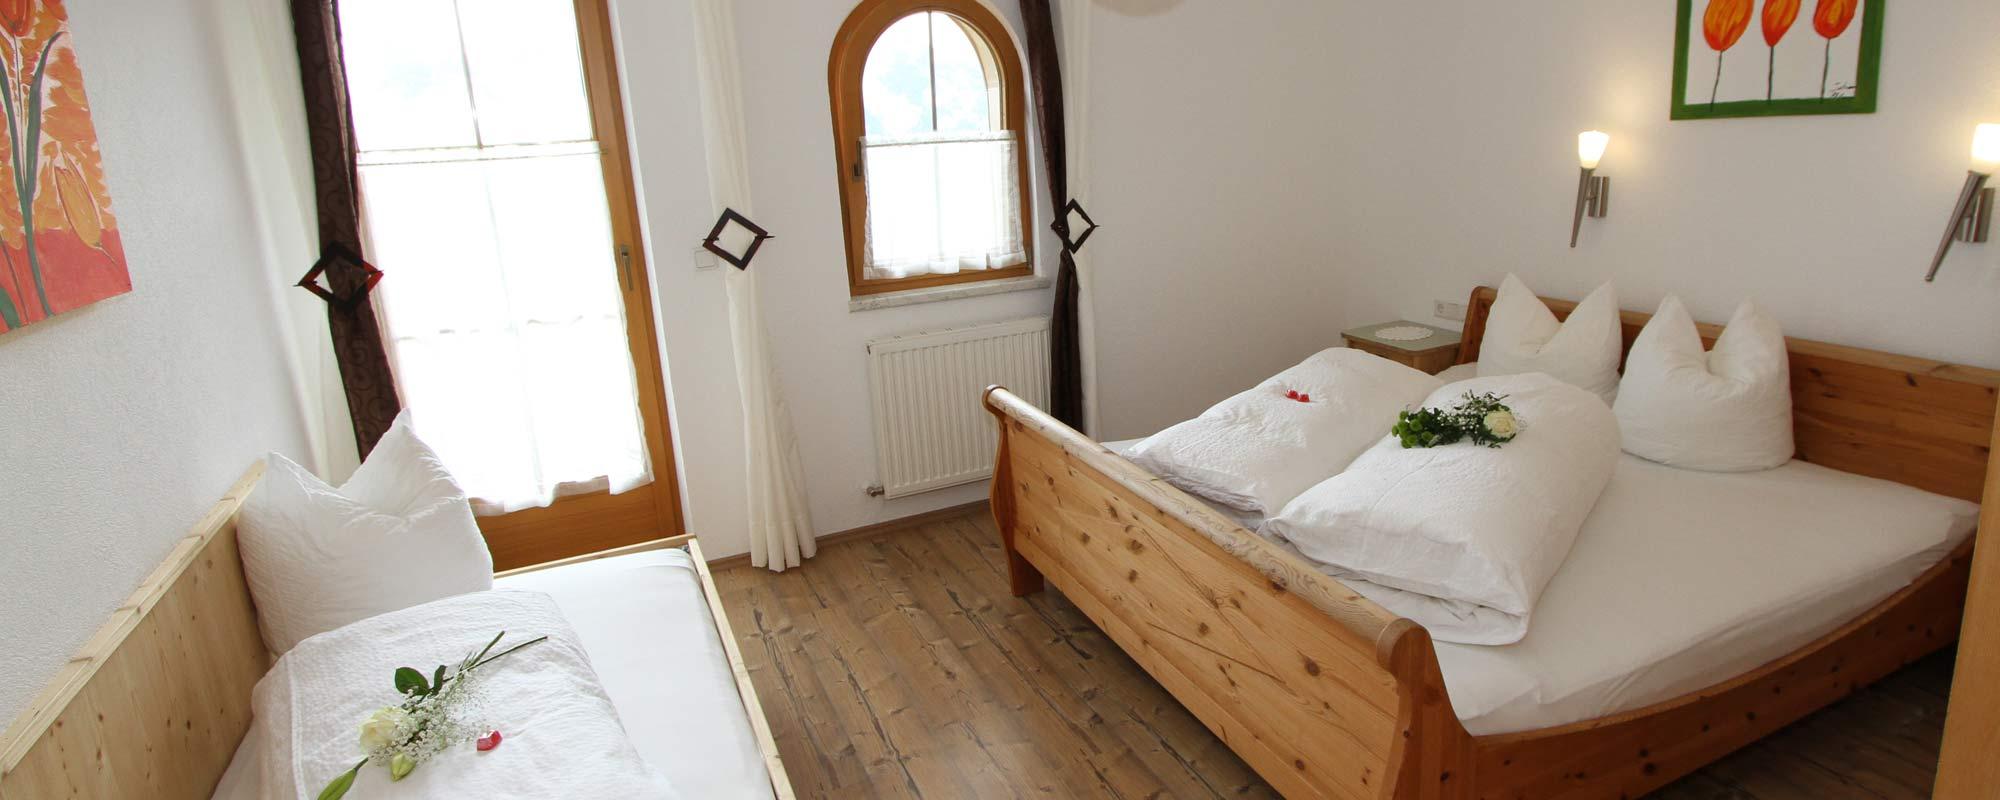 Apartment Sonnenschein Schlafzimmer 1 Zimmer in Holzoptik